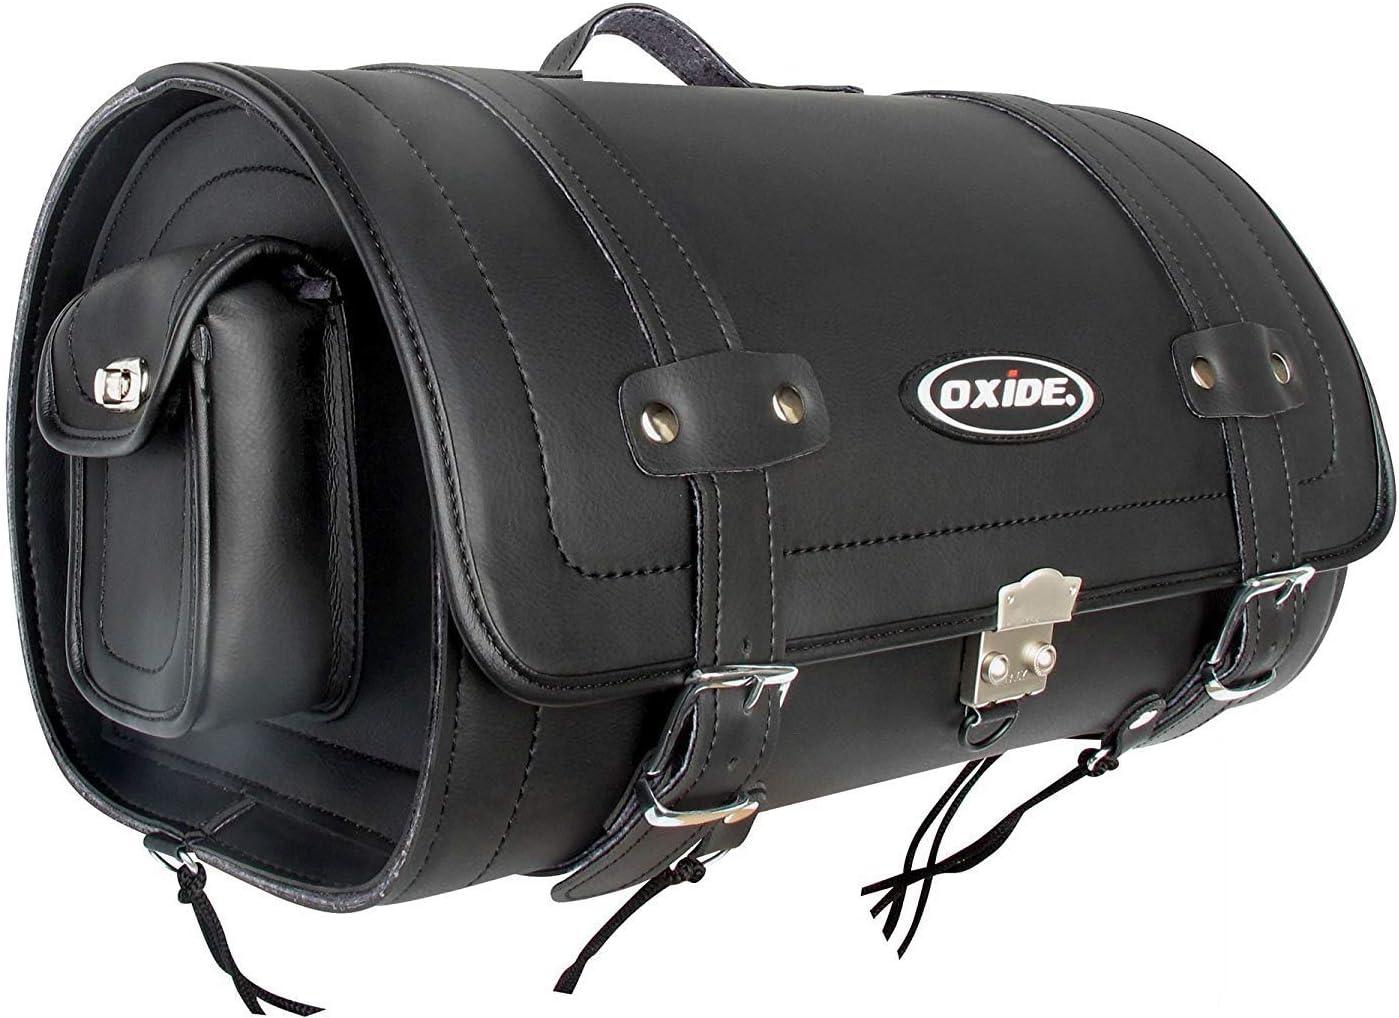 Oxide - Bolsa de Viaje de Rollo de Cuero tek Premium de 40L